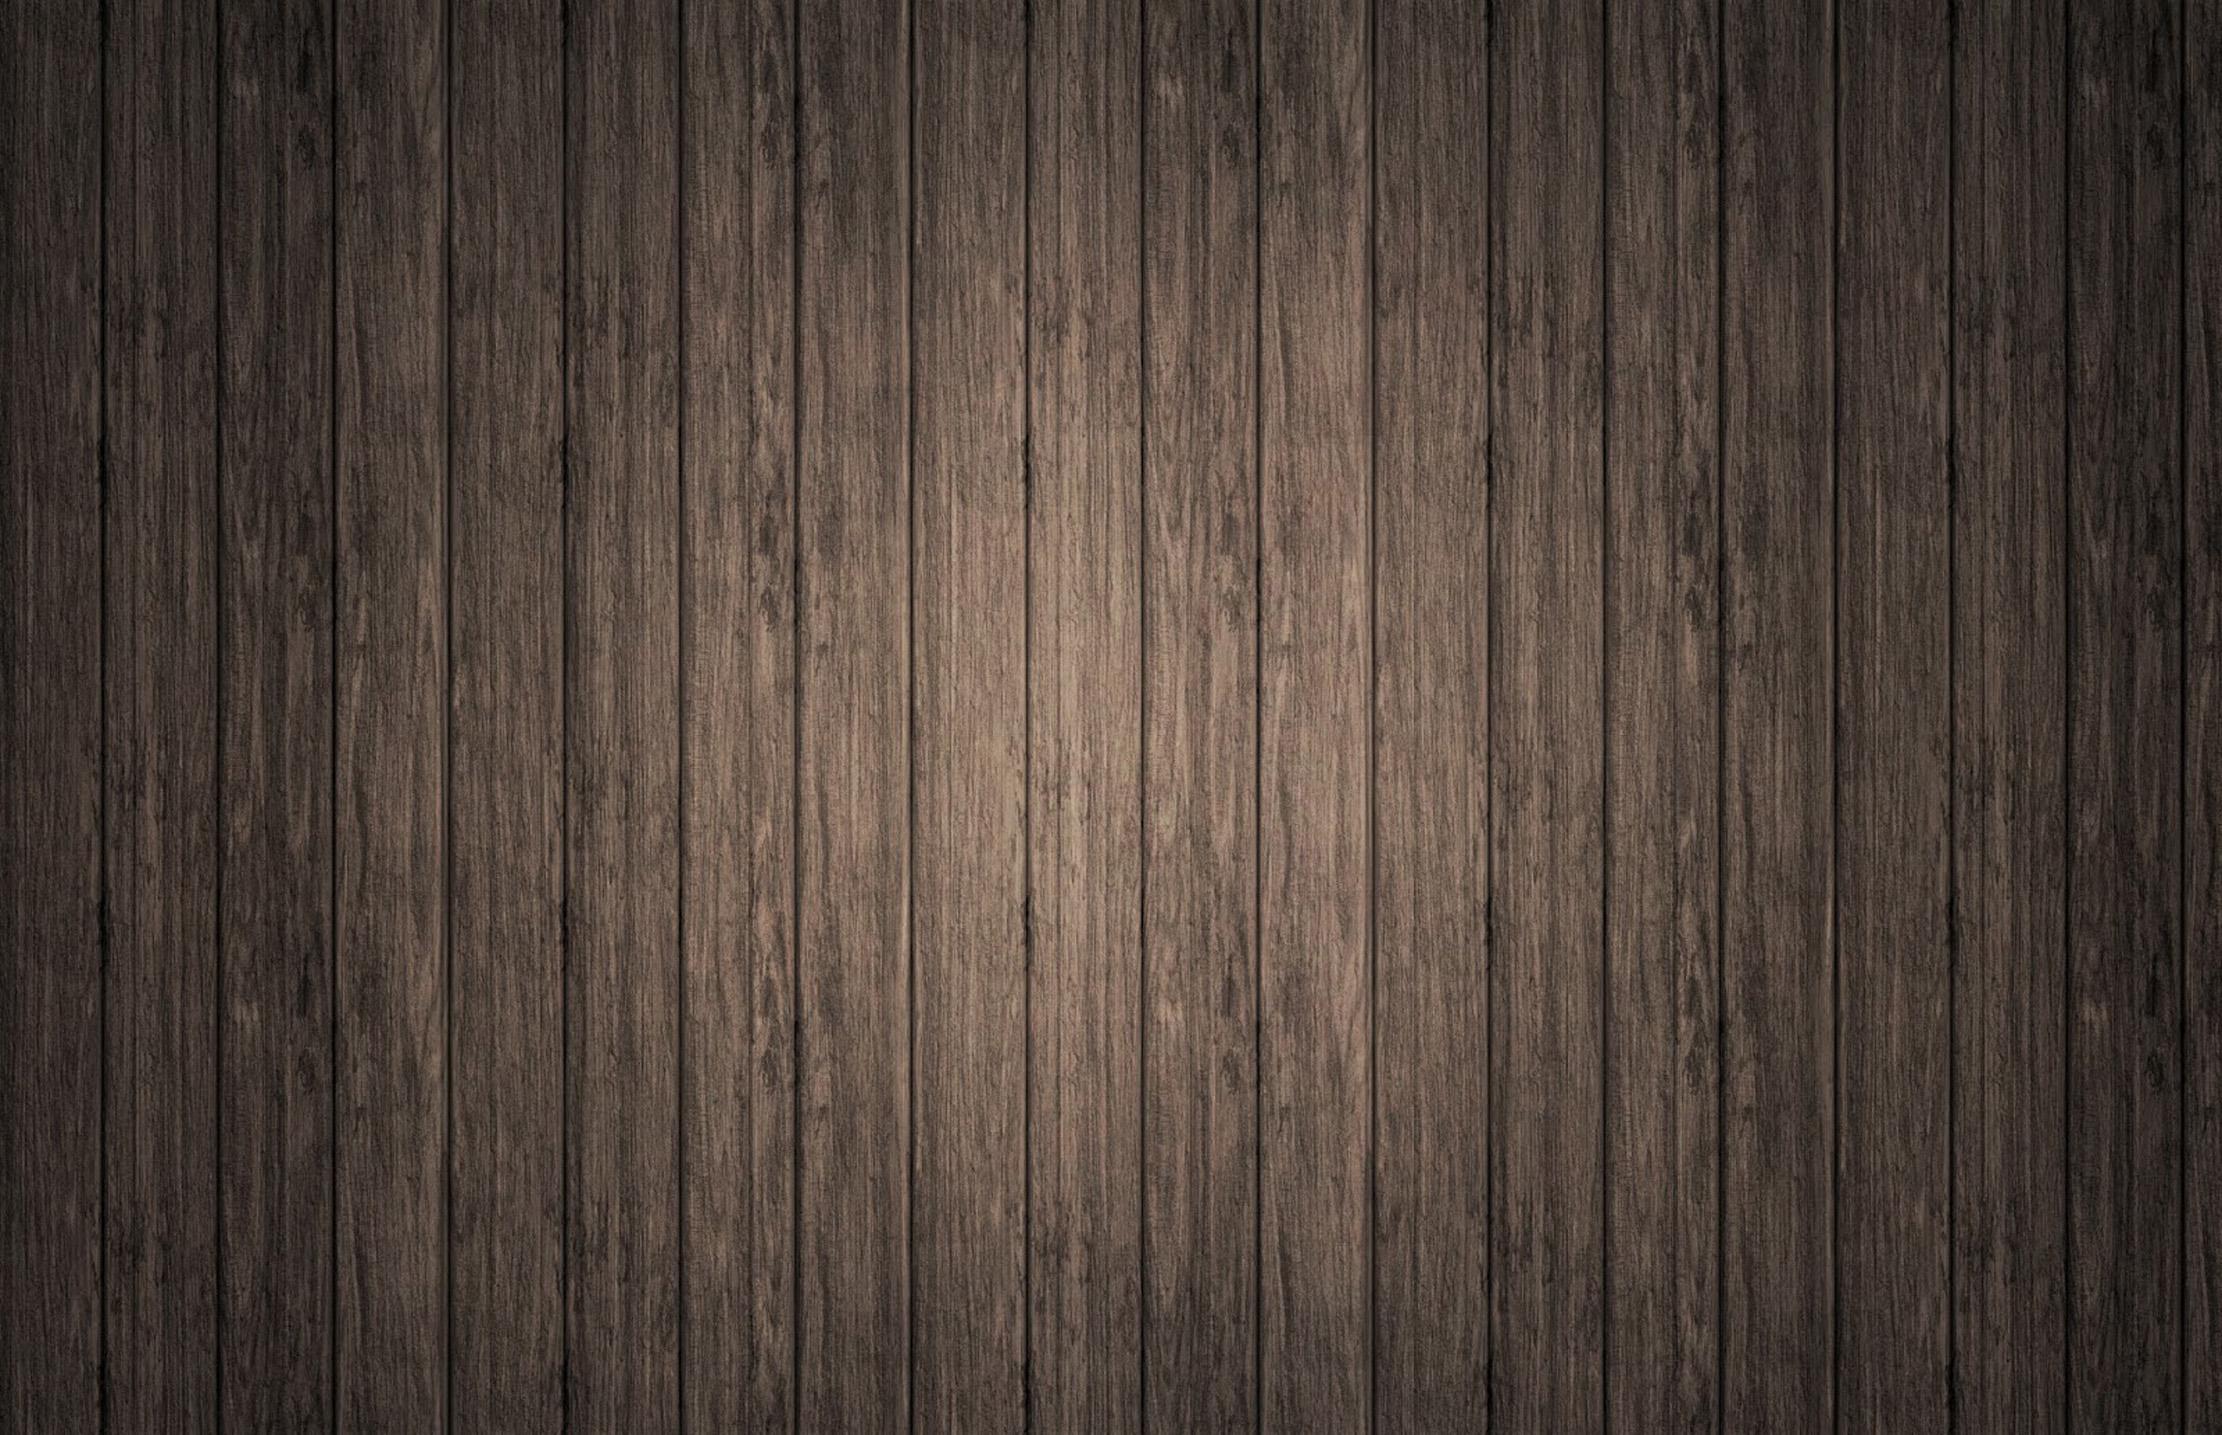 wooden background texture pattern